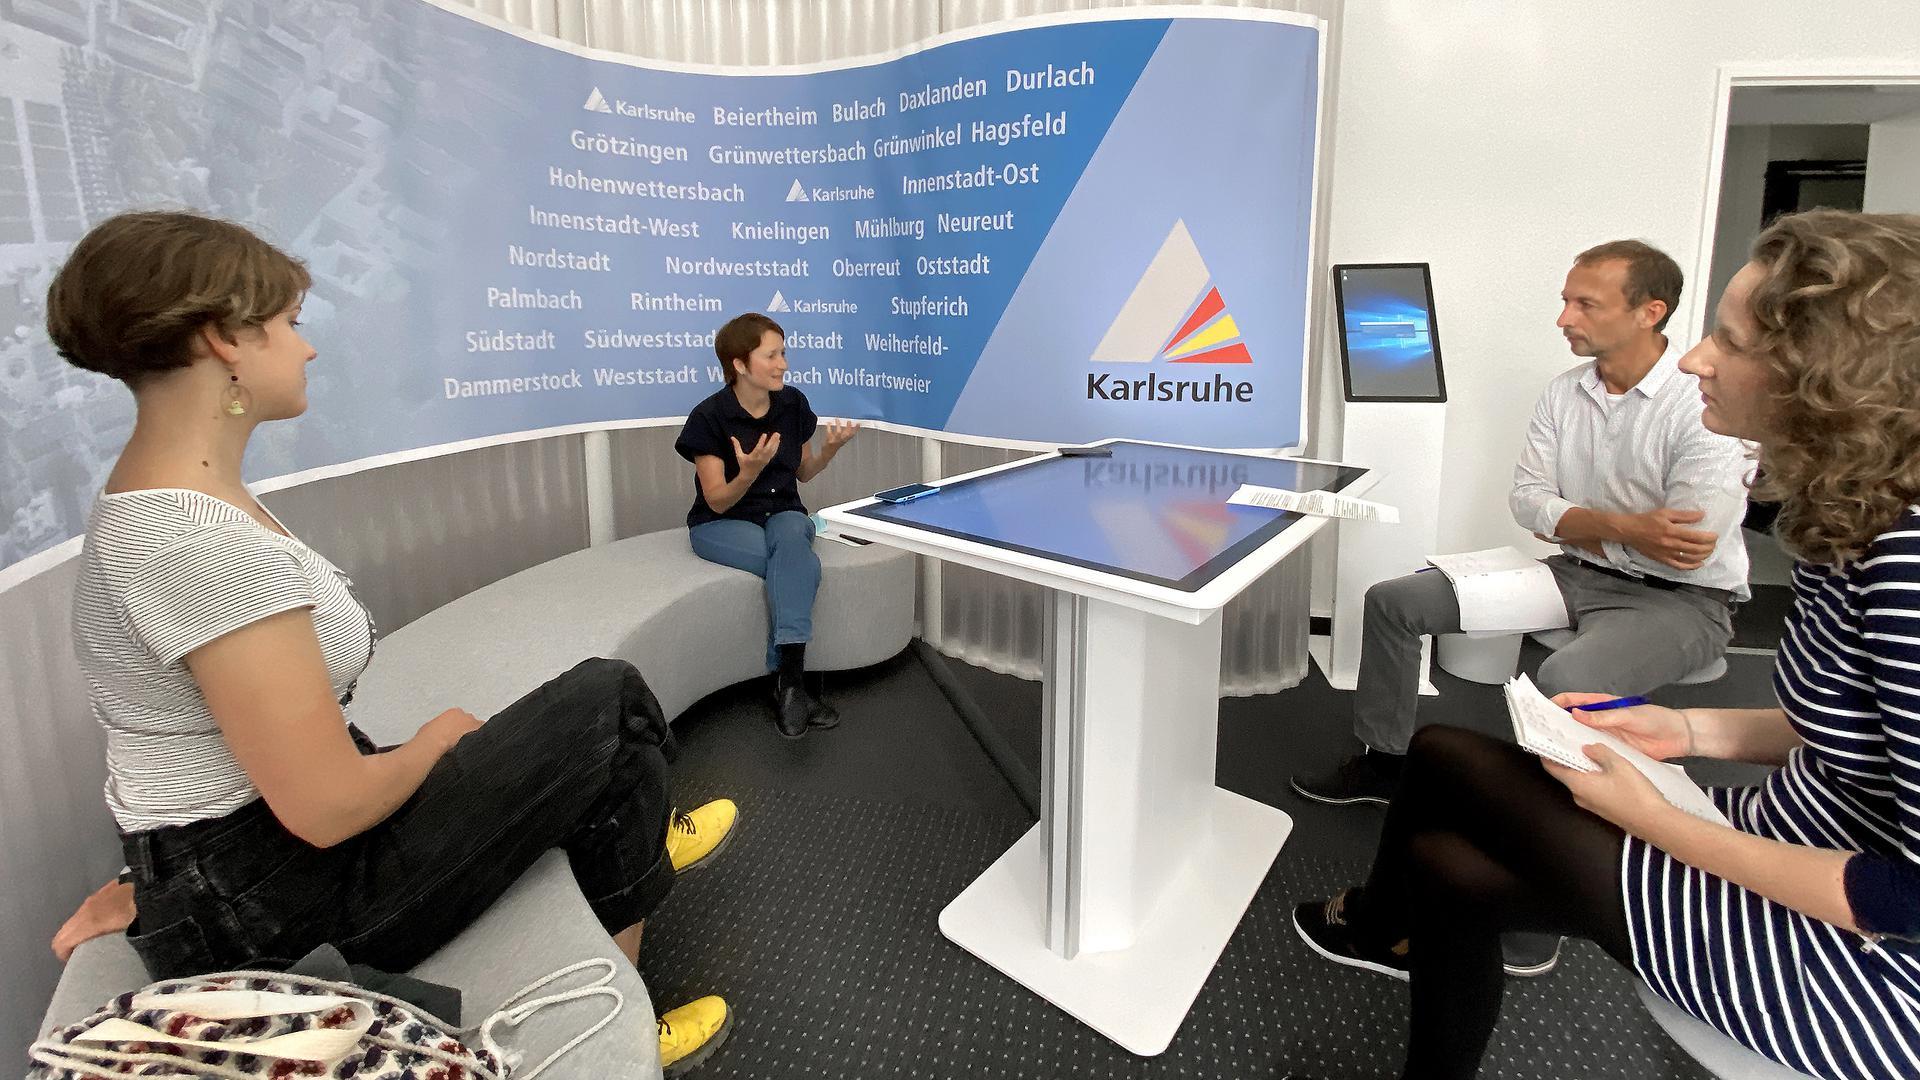 Klima-Aktivistin Annika Kelber und Bürgermeisterin Bettina Lisbach im Gespräch mit den BNN-Redakteuren Gerhard Wolff und Julia Weller (von links).